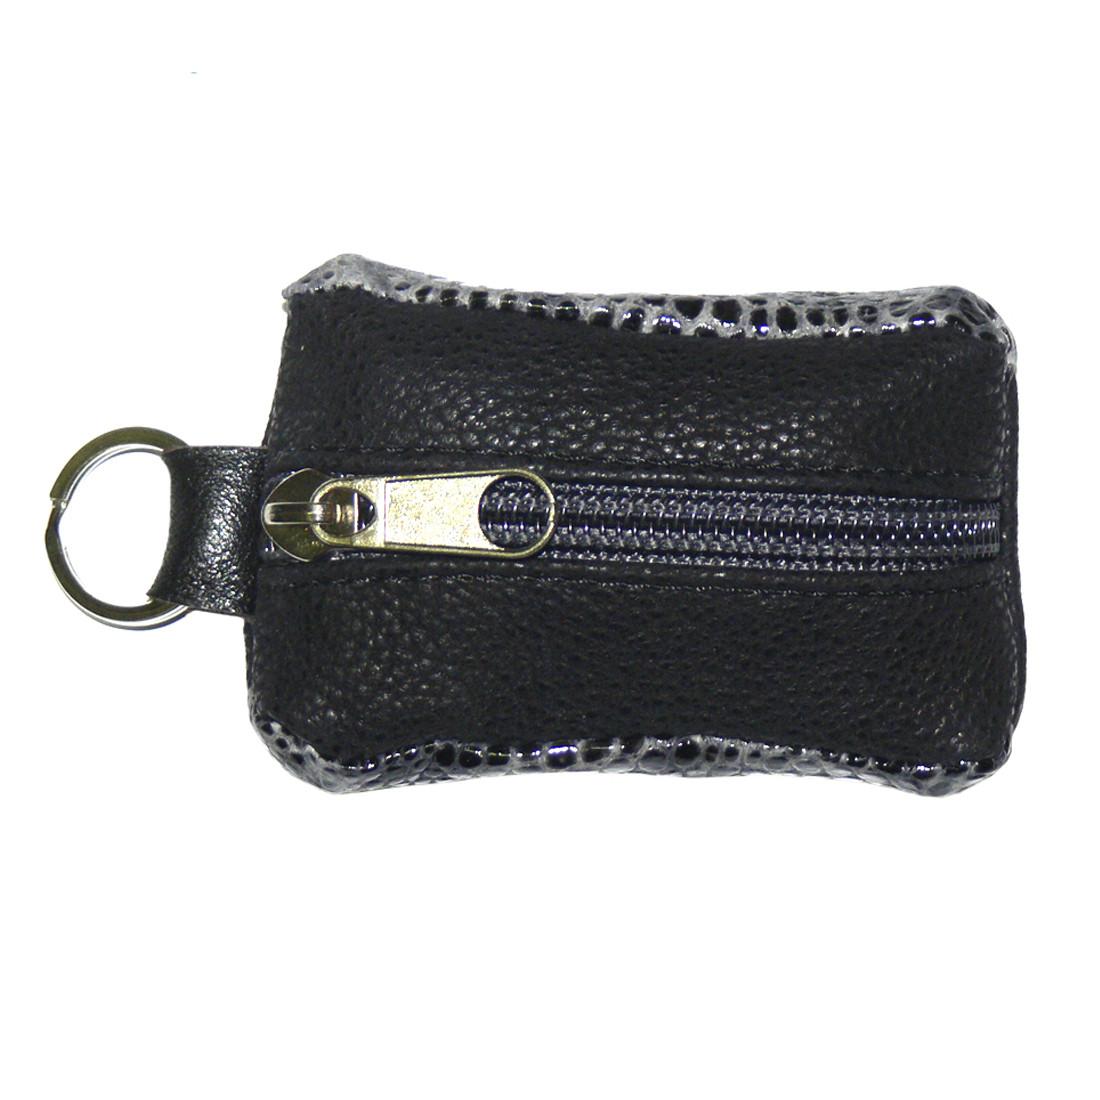 Ключница-футляр чёрно-серая BagHouse натуральная кожа 7,5х4 см  фф7ч сер